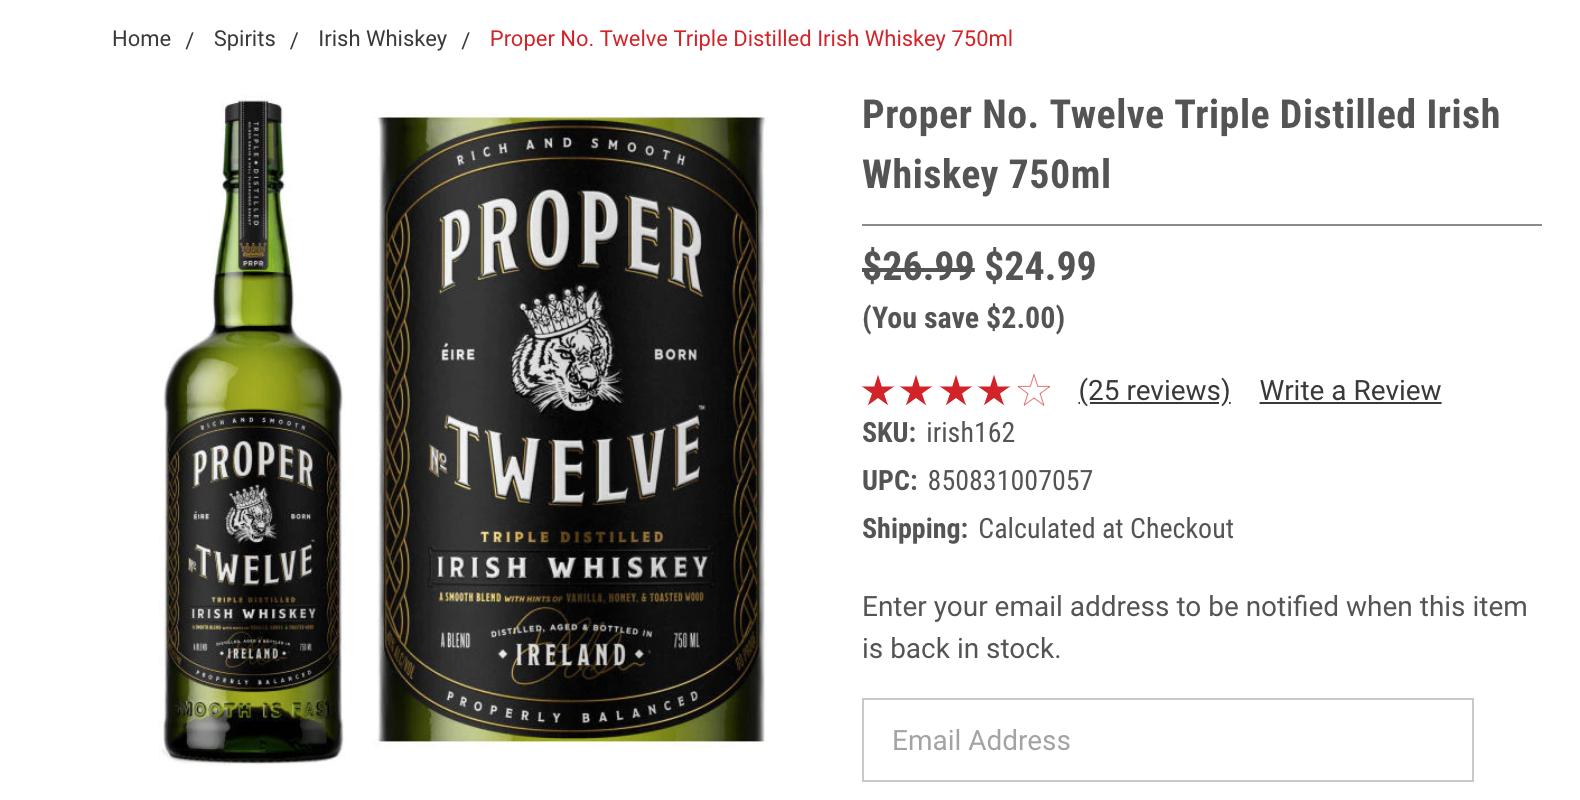 """Конор макгрегор запустил """"proper 12 (twelve)"""" – свой собственный бренд виски - cageside.ru"""